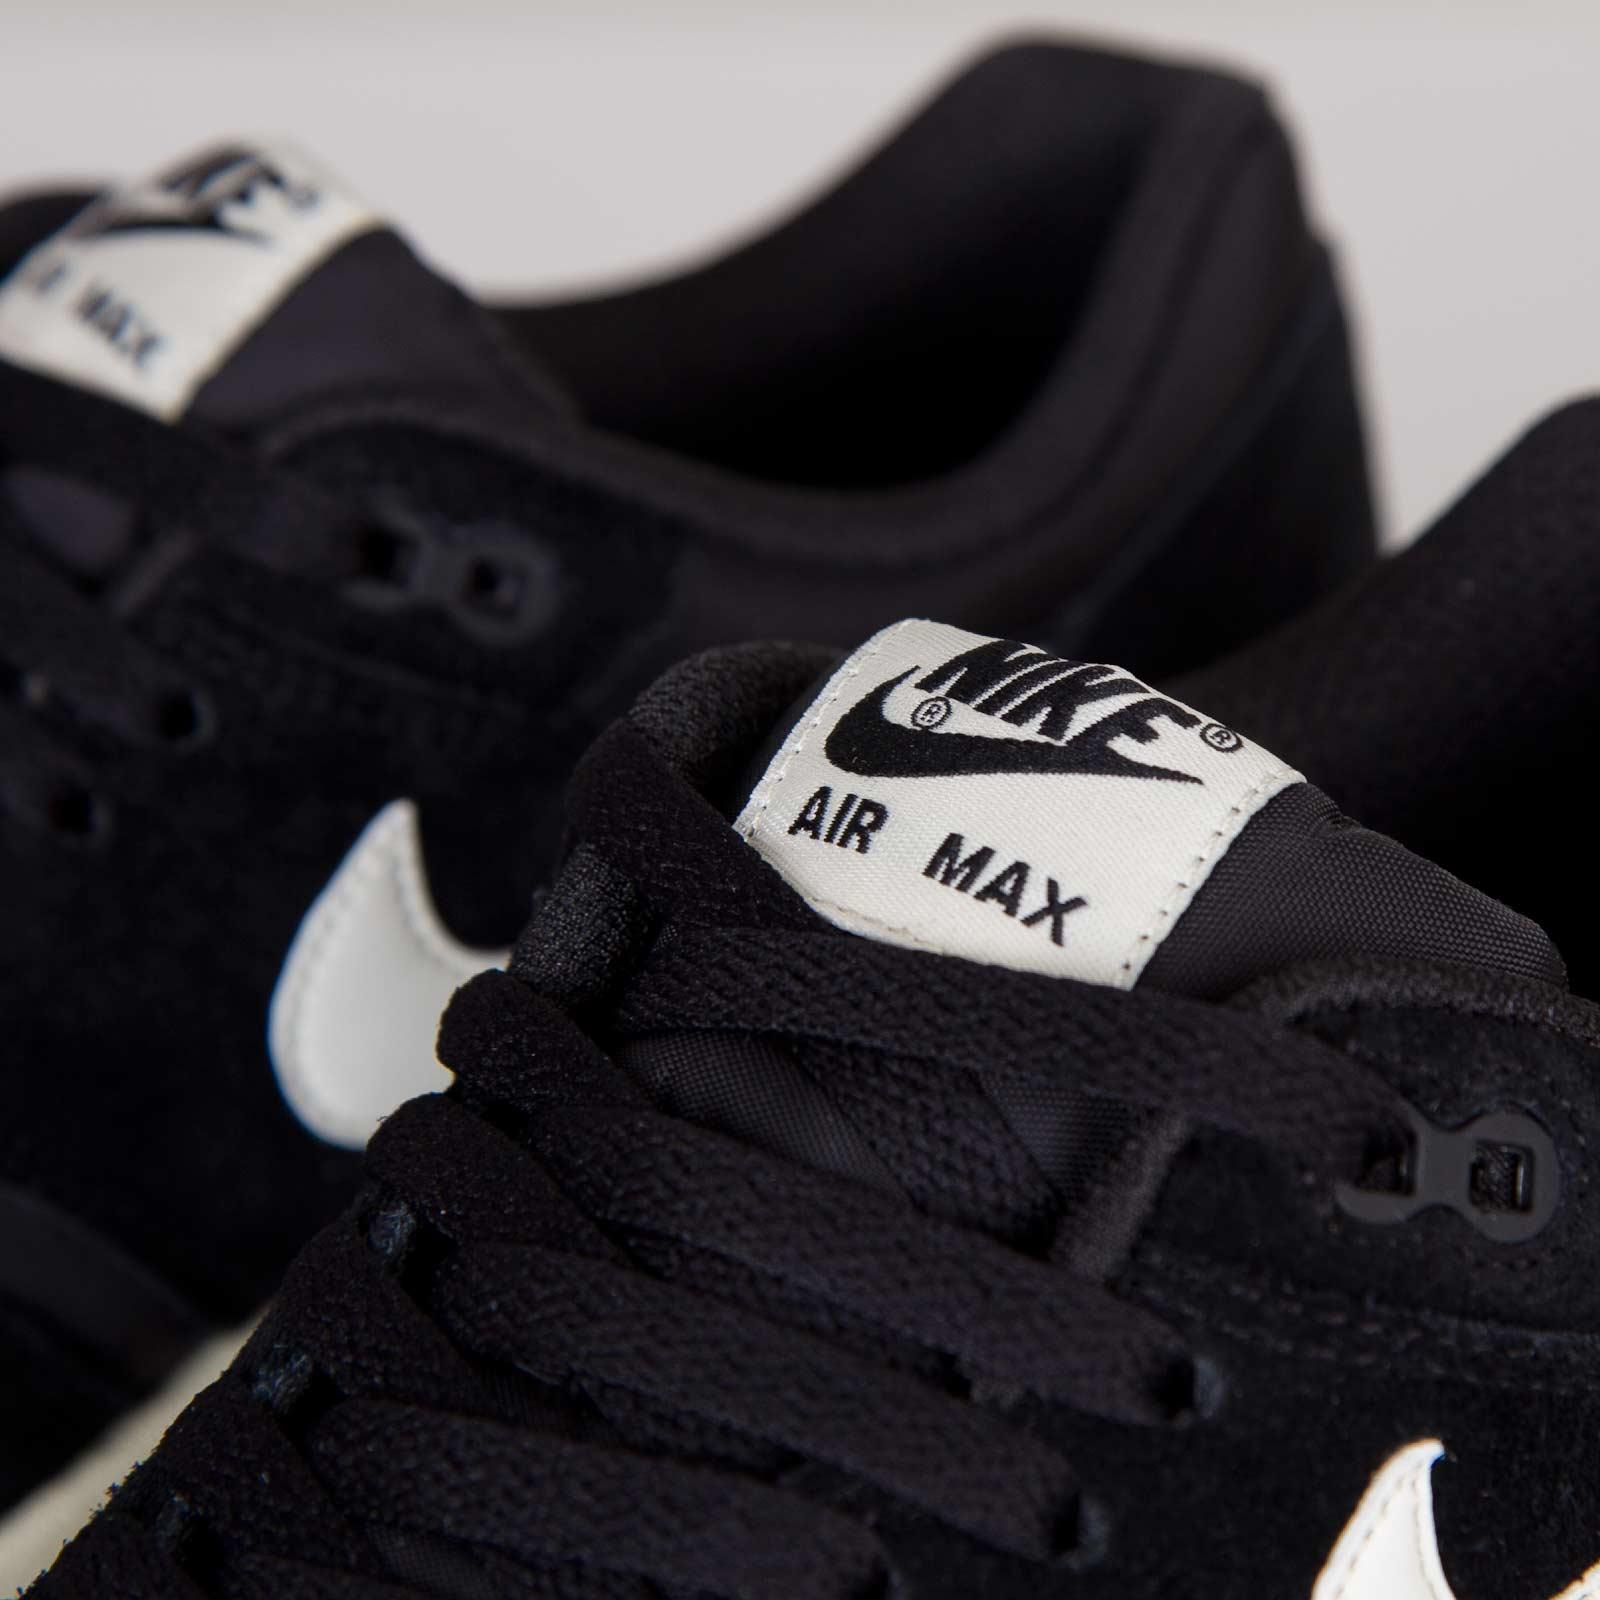 differently 2b377 94b37 Nike Air Max 1 Essential - 537383-011 - Sneakersnstuff   sneakers    streetwear online since 1999